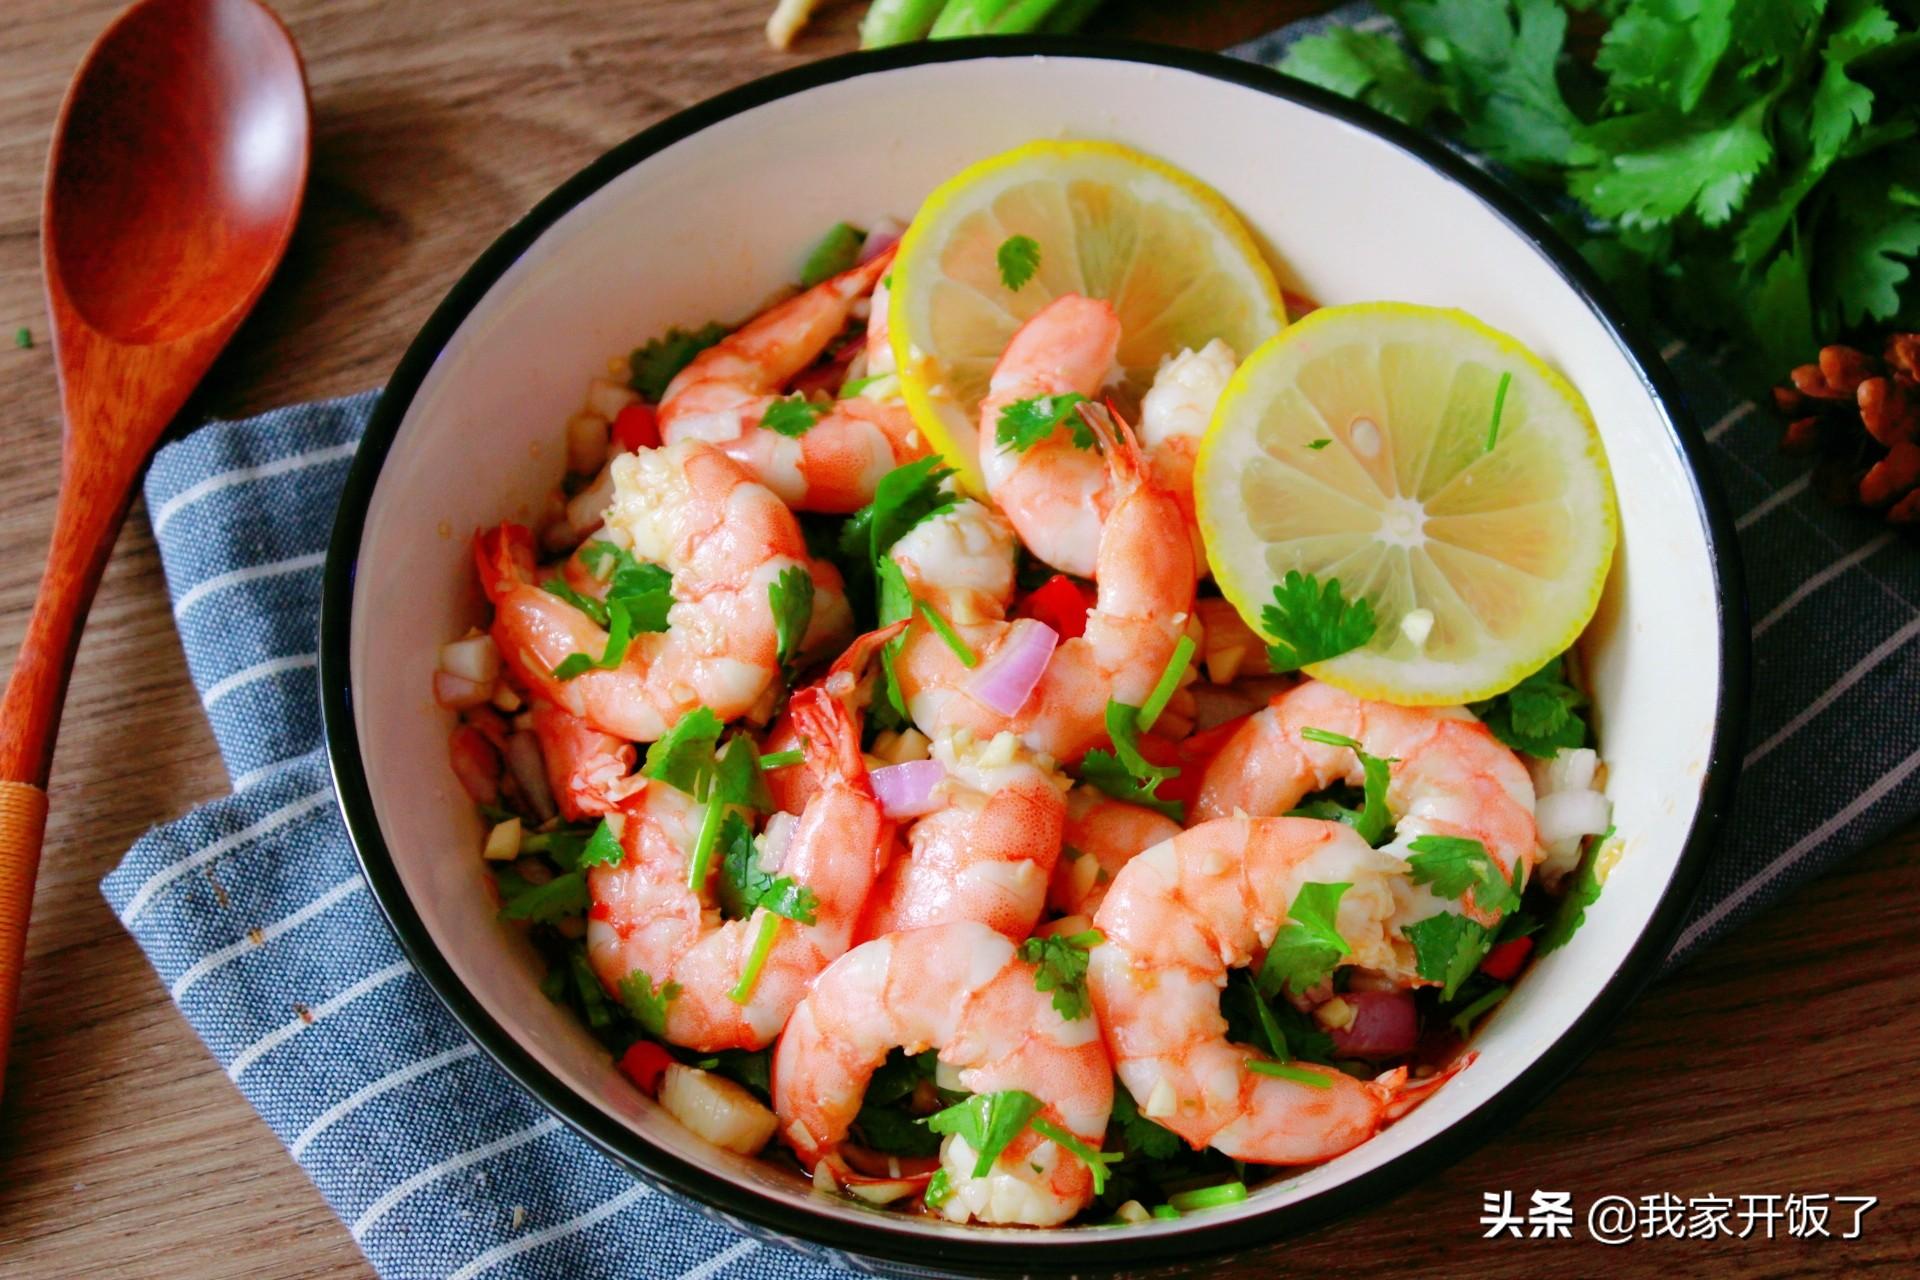 国庆宴客,好评第一的菜:泰式柠檬虾,酸甜解腻,随便一拌就好吃